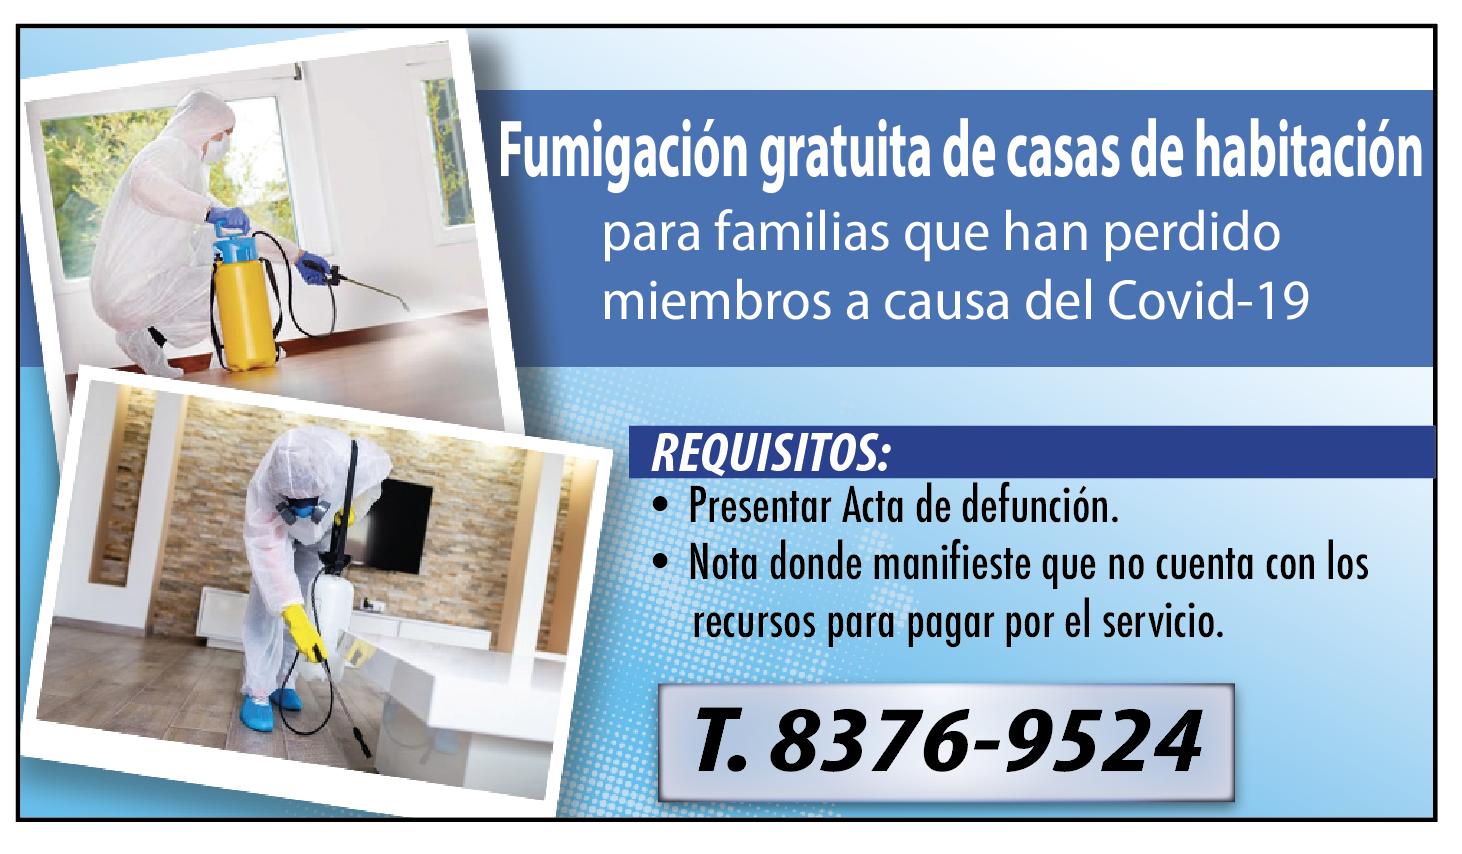 Este servicio lo brinda de manera gratuita el voluntario de la Cruz Roja Michael Rodríguez Pizarro únicamente para vecinos del cantón de Belén.